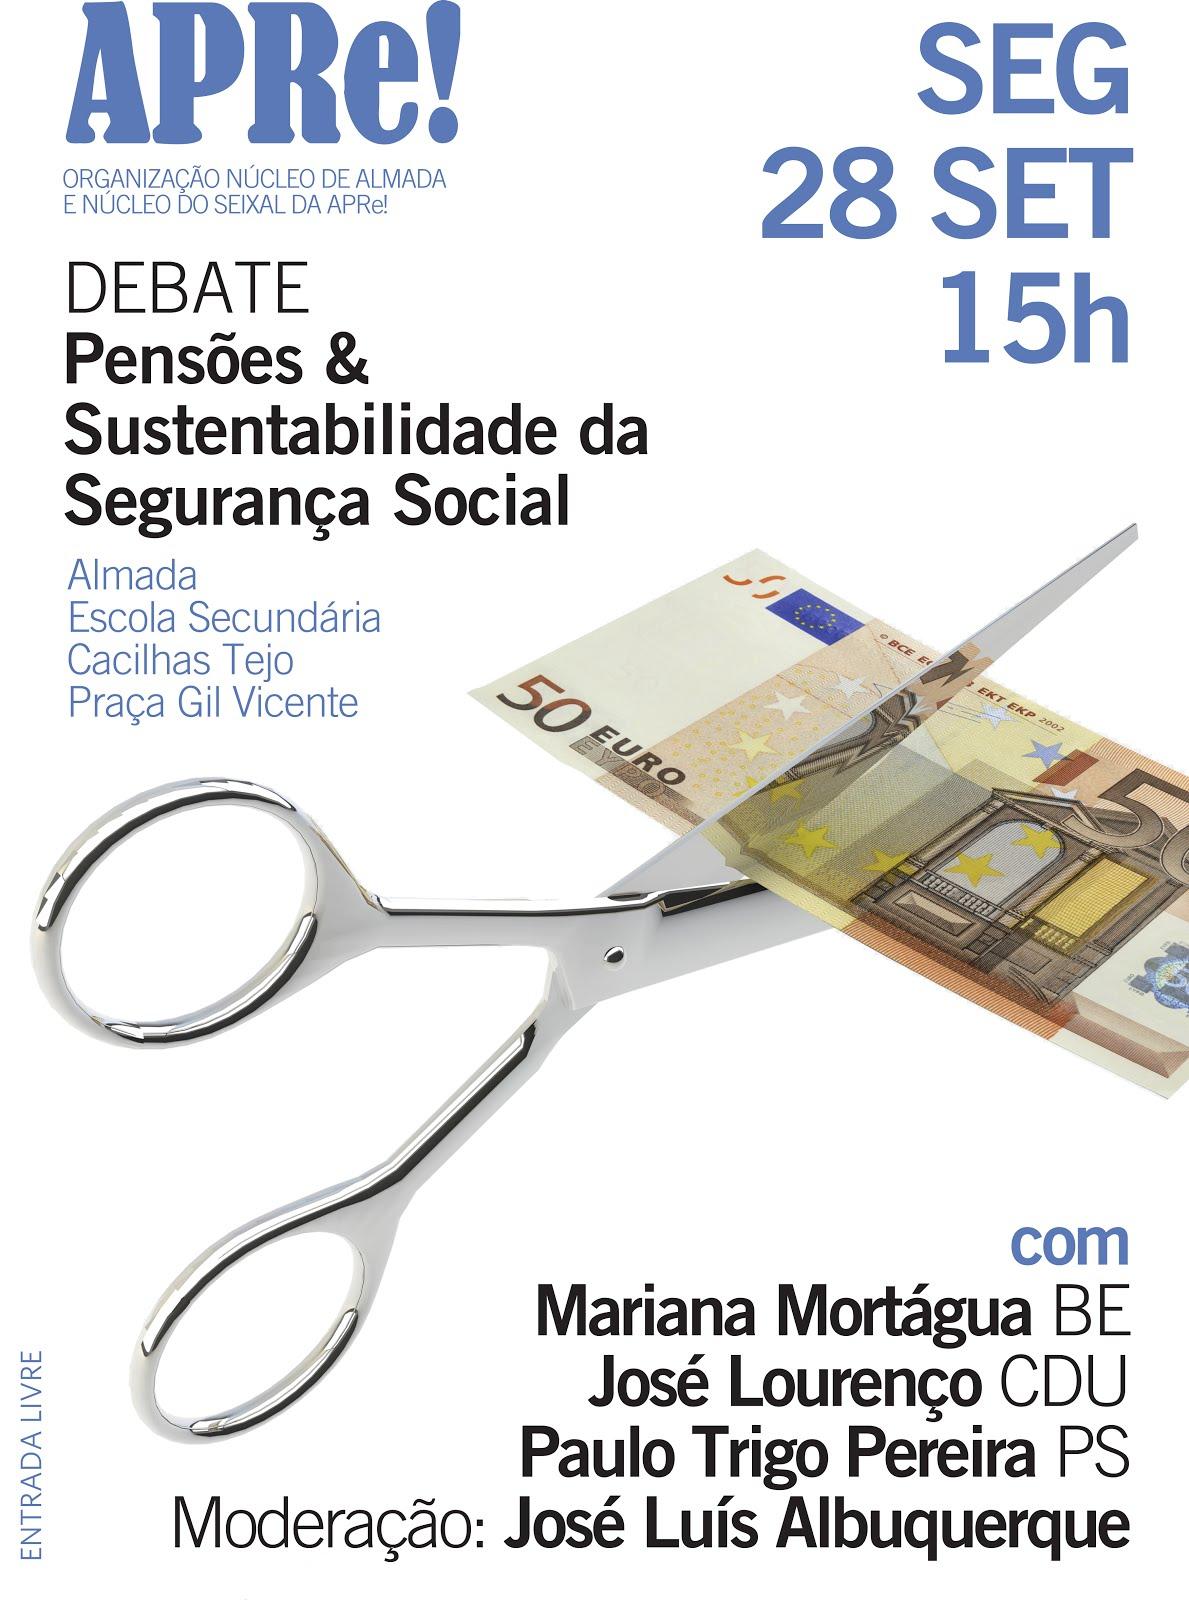 Sessão pública de debate promovida pela APRe! em Almada